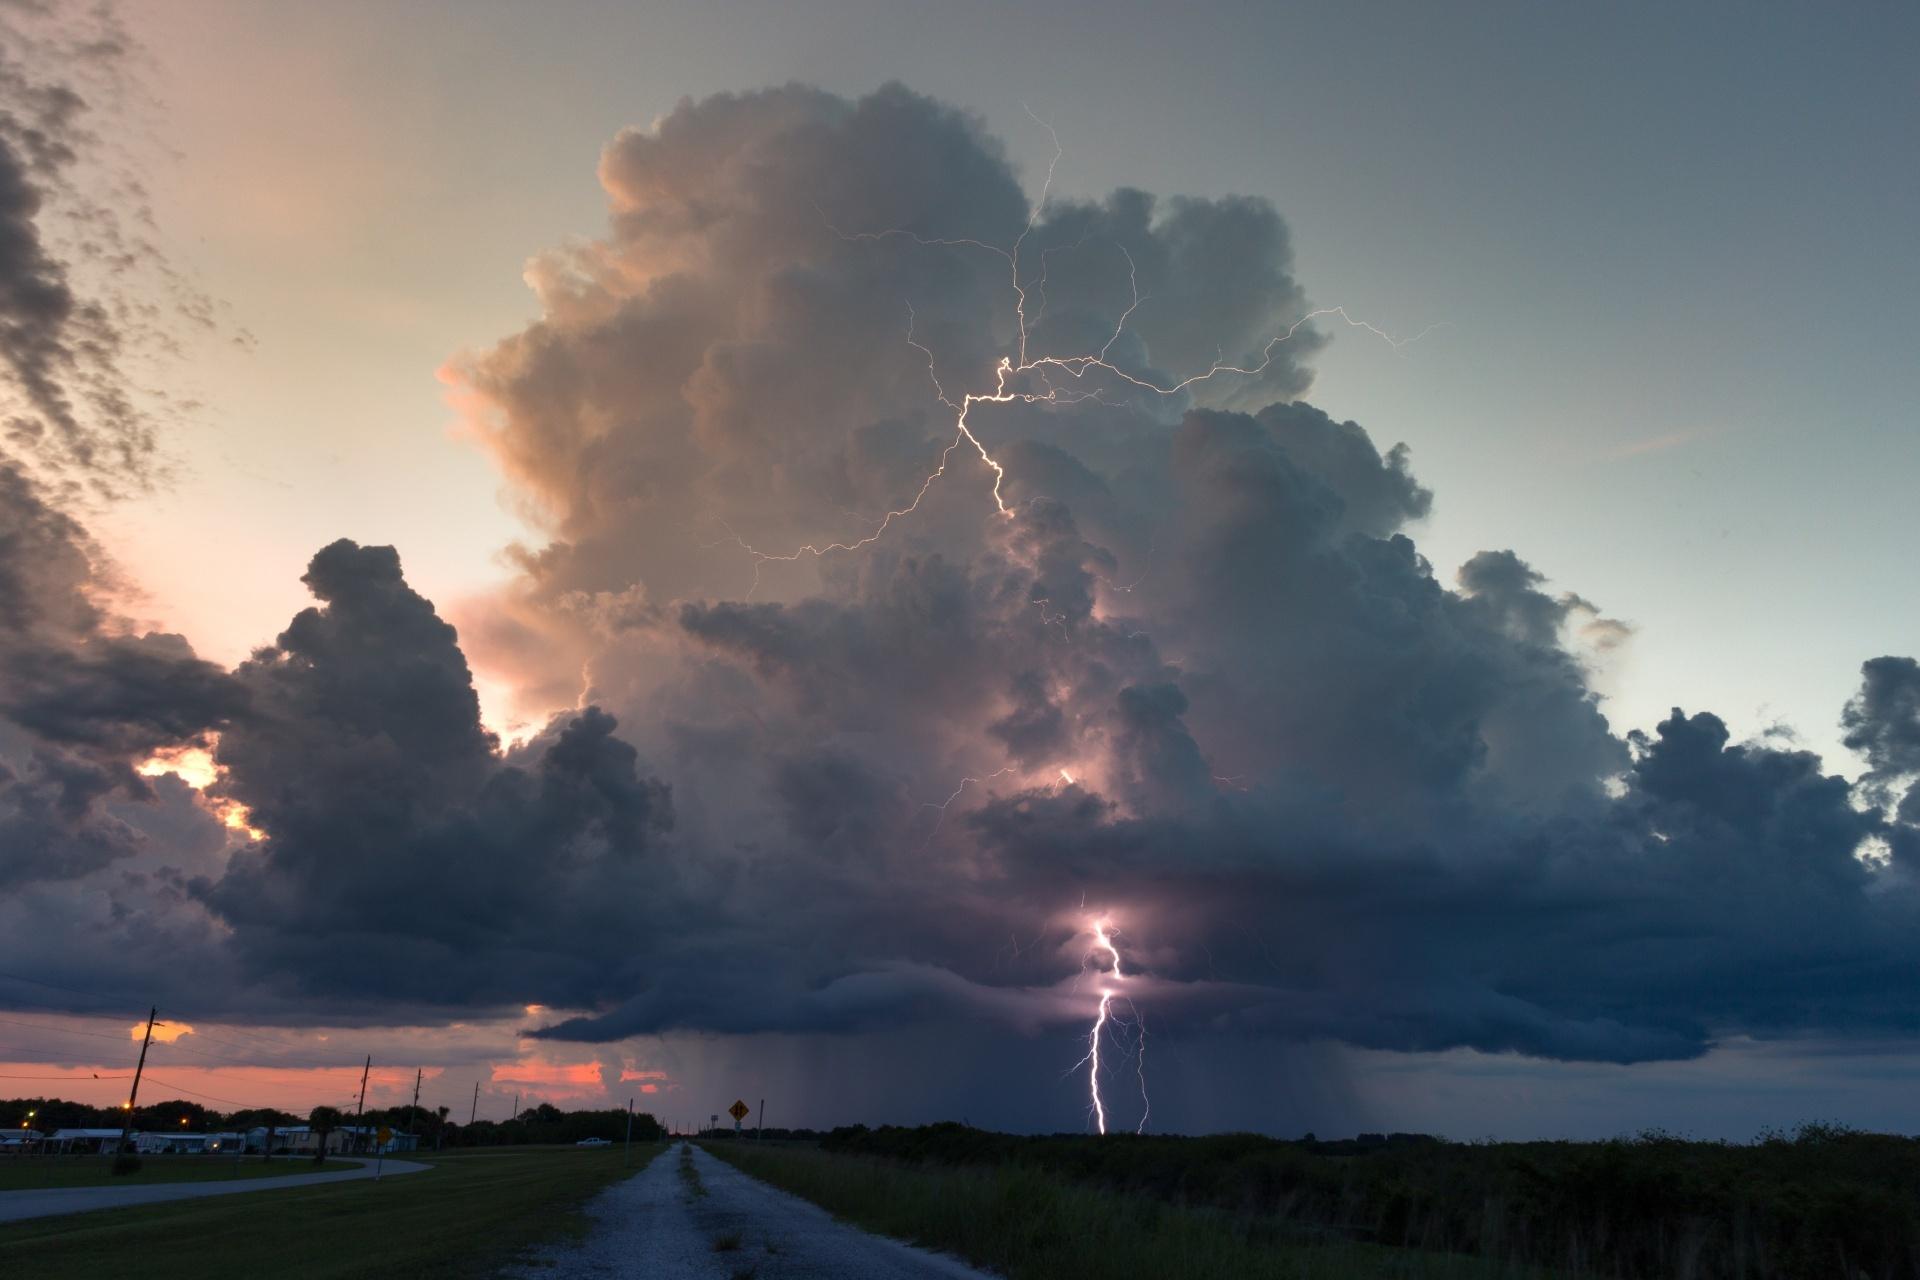 雨季のフロリダ南部の風景 アメリカの風景